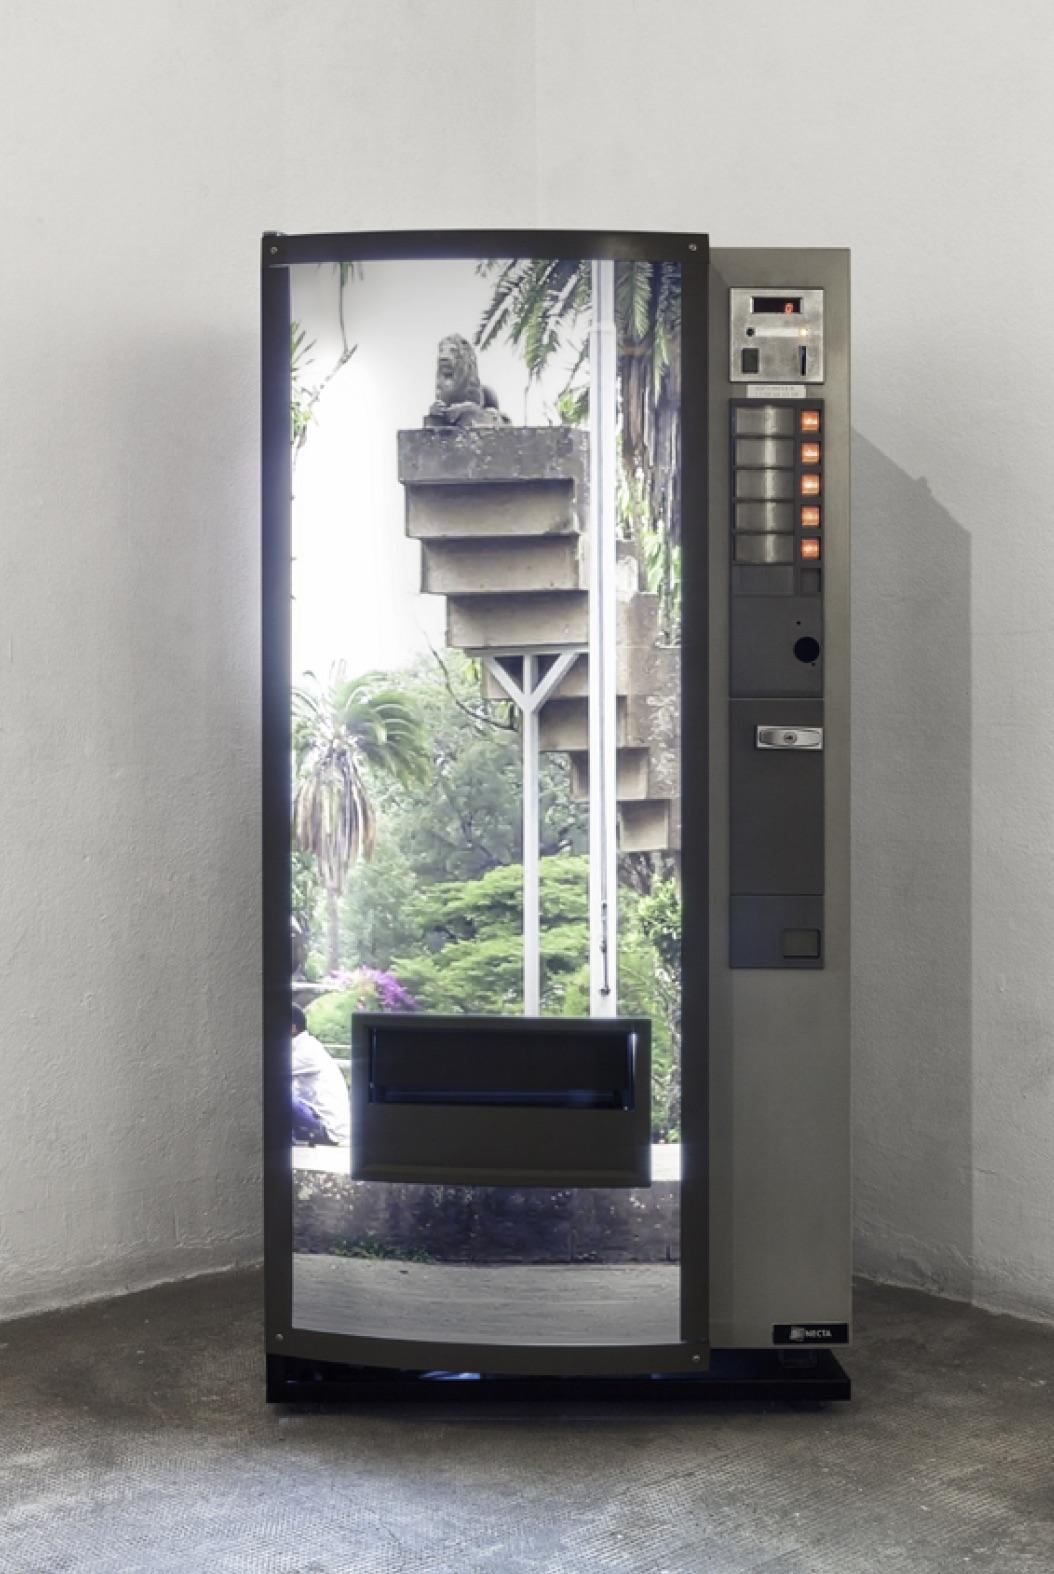 Invernomuto, Still da Video, 2014. Drink dispenser, digital print on plexiglass